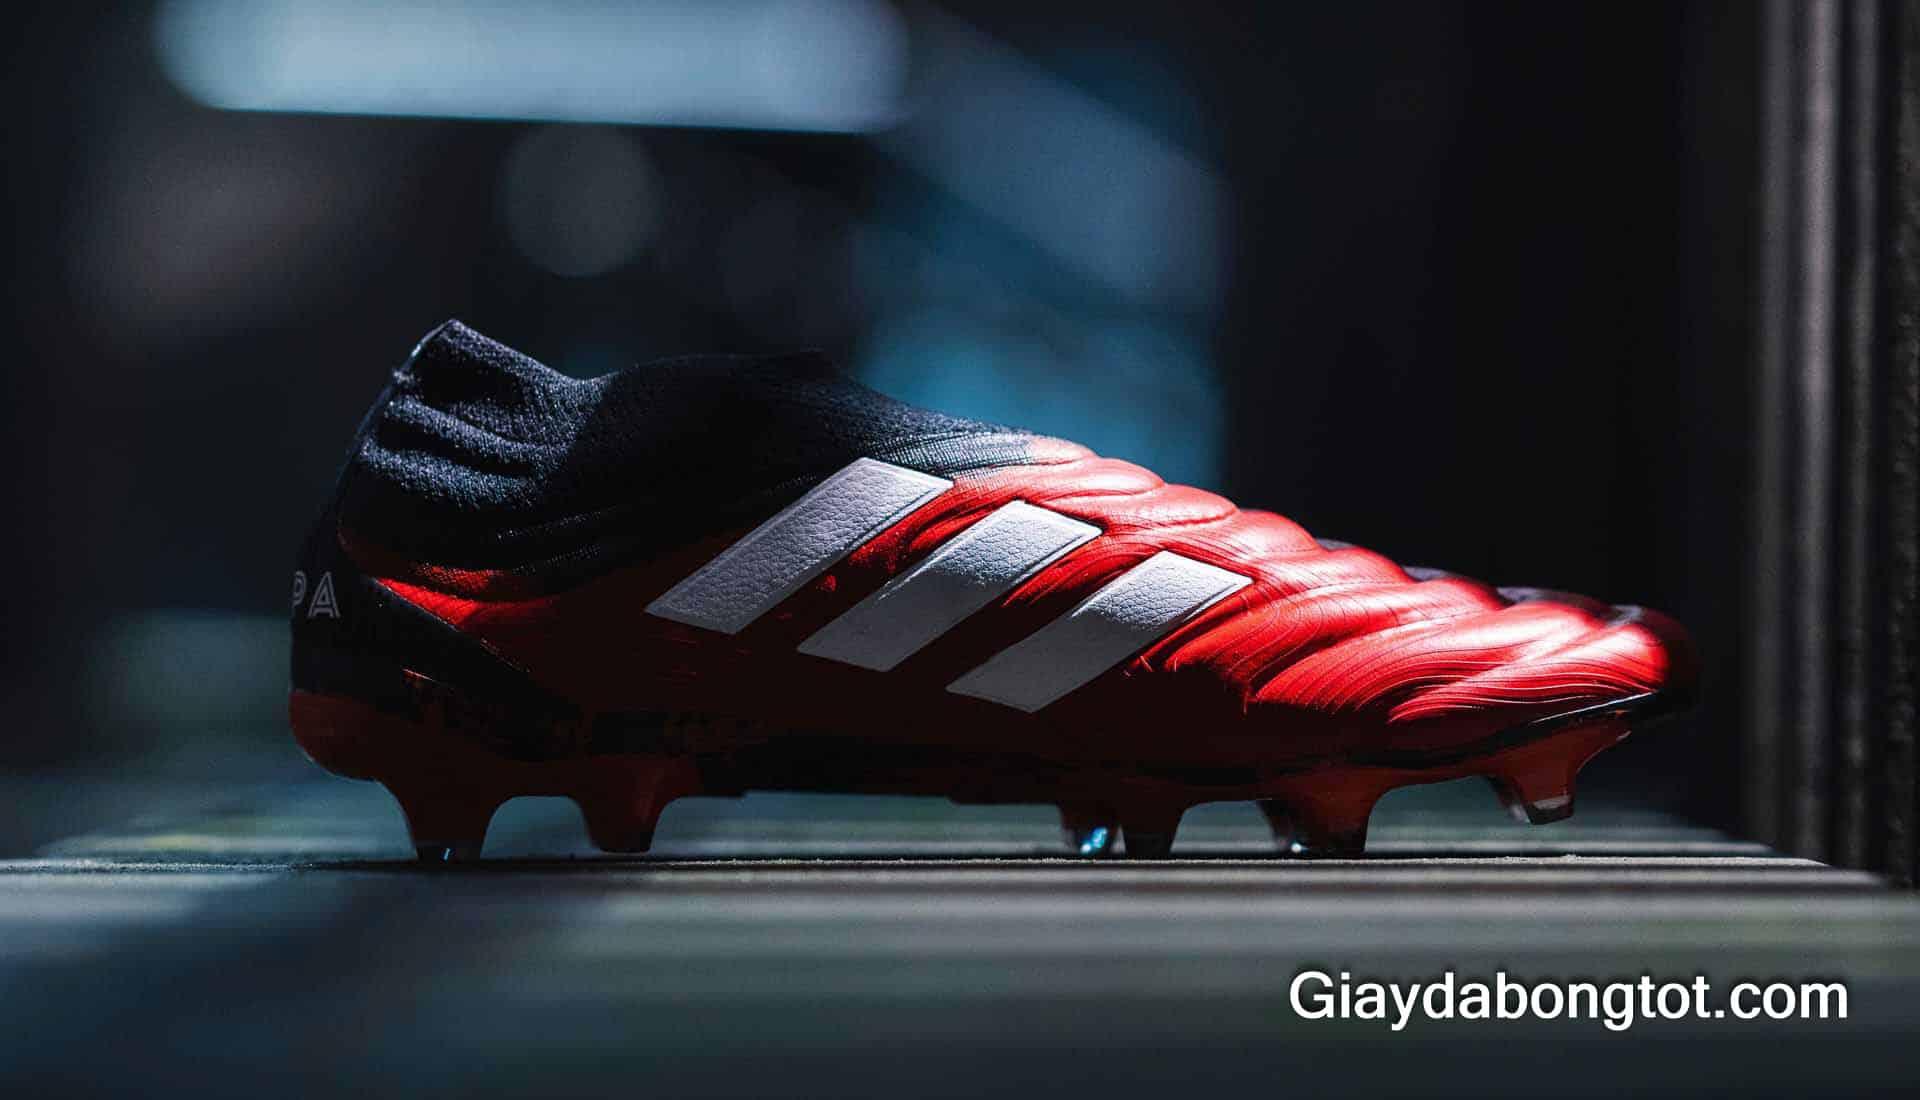 Dòng giày Adidas Copa ngày nay đã thon gọn đẹp mắt hơn và luôn là dòng giày êm mềm thoải mái nhất của Adidas